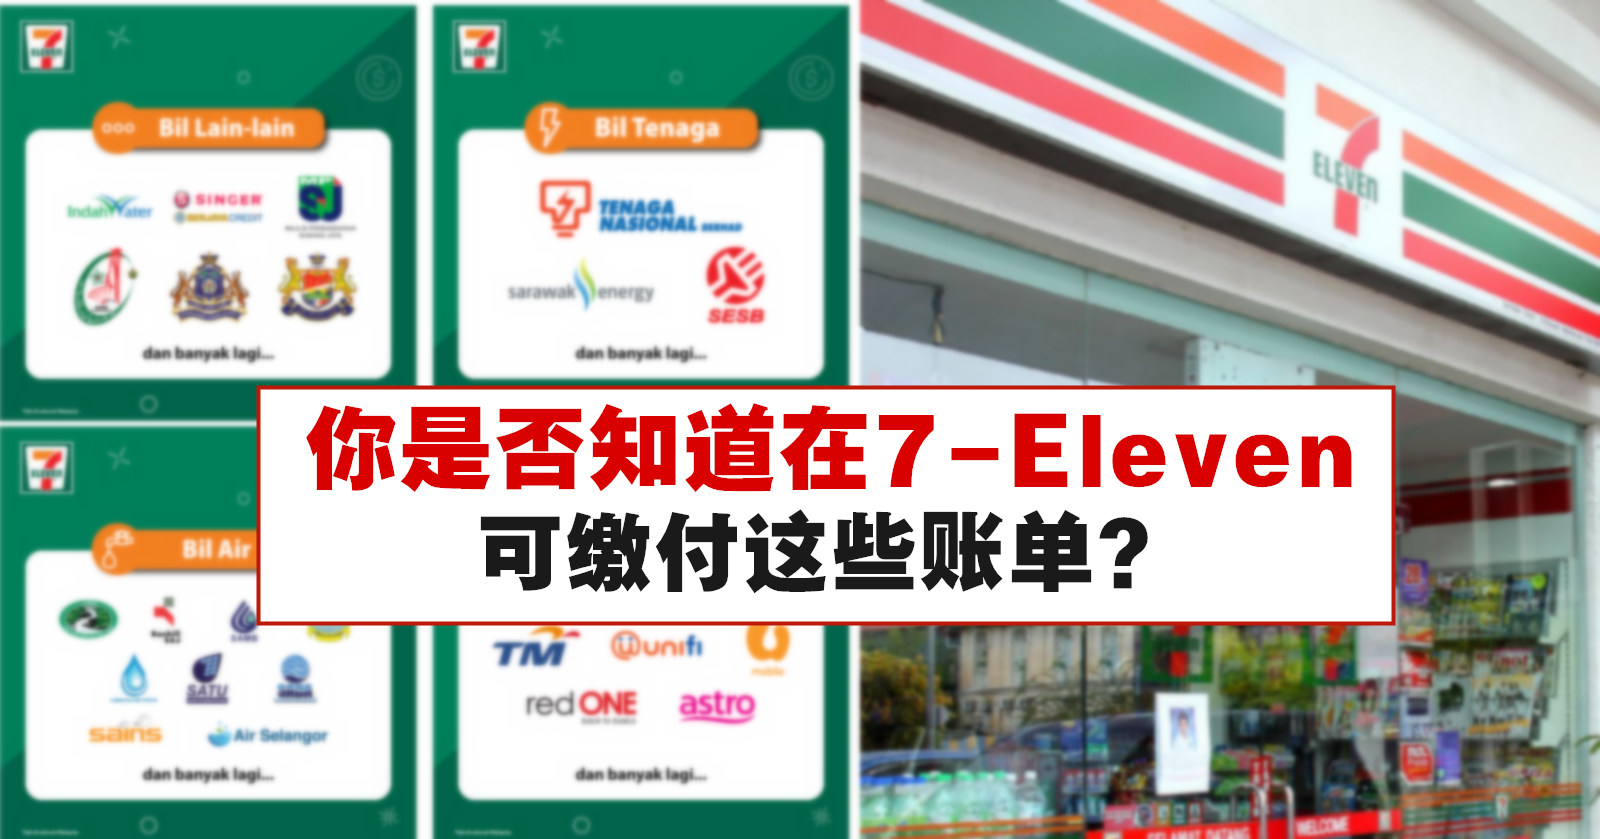 在7-Eleven可缴付的账单列表